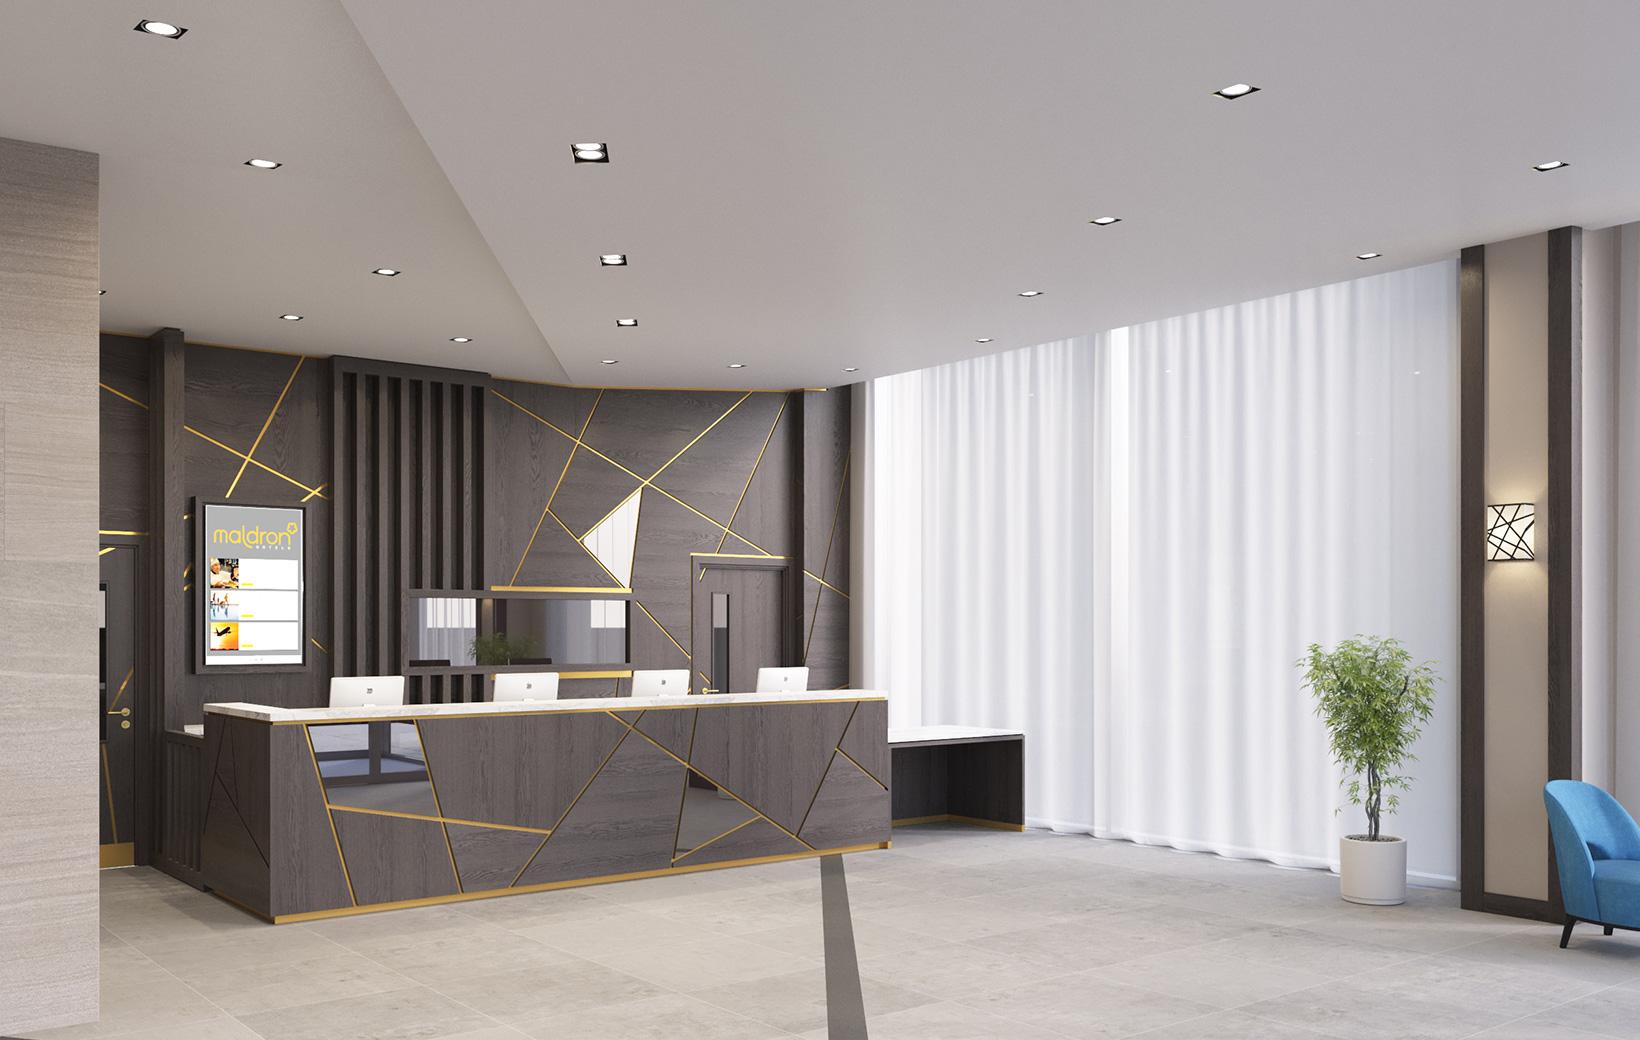 maldron-hotel-glasgow_spacious-lobby